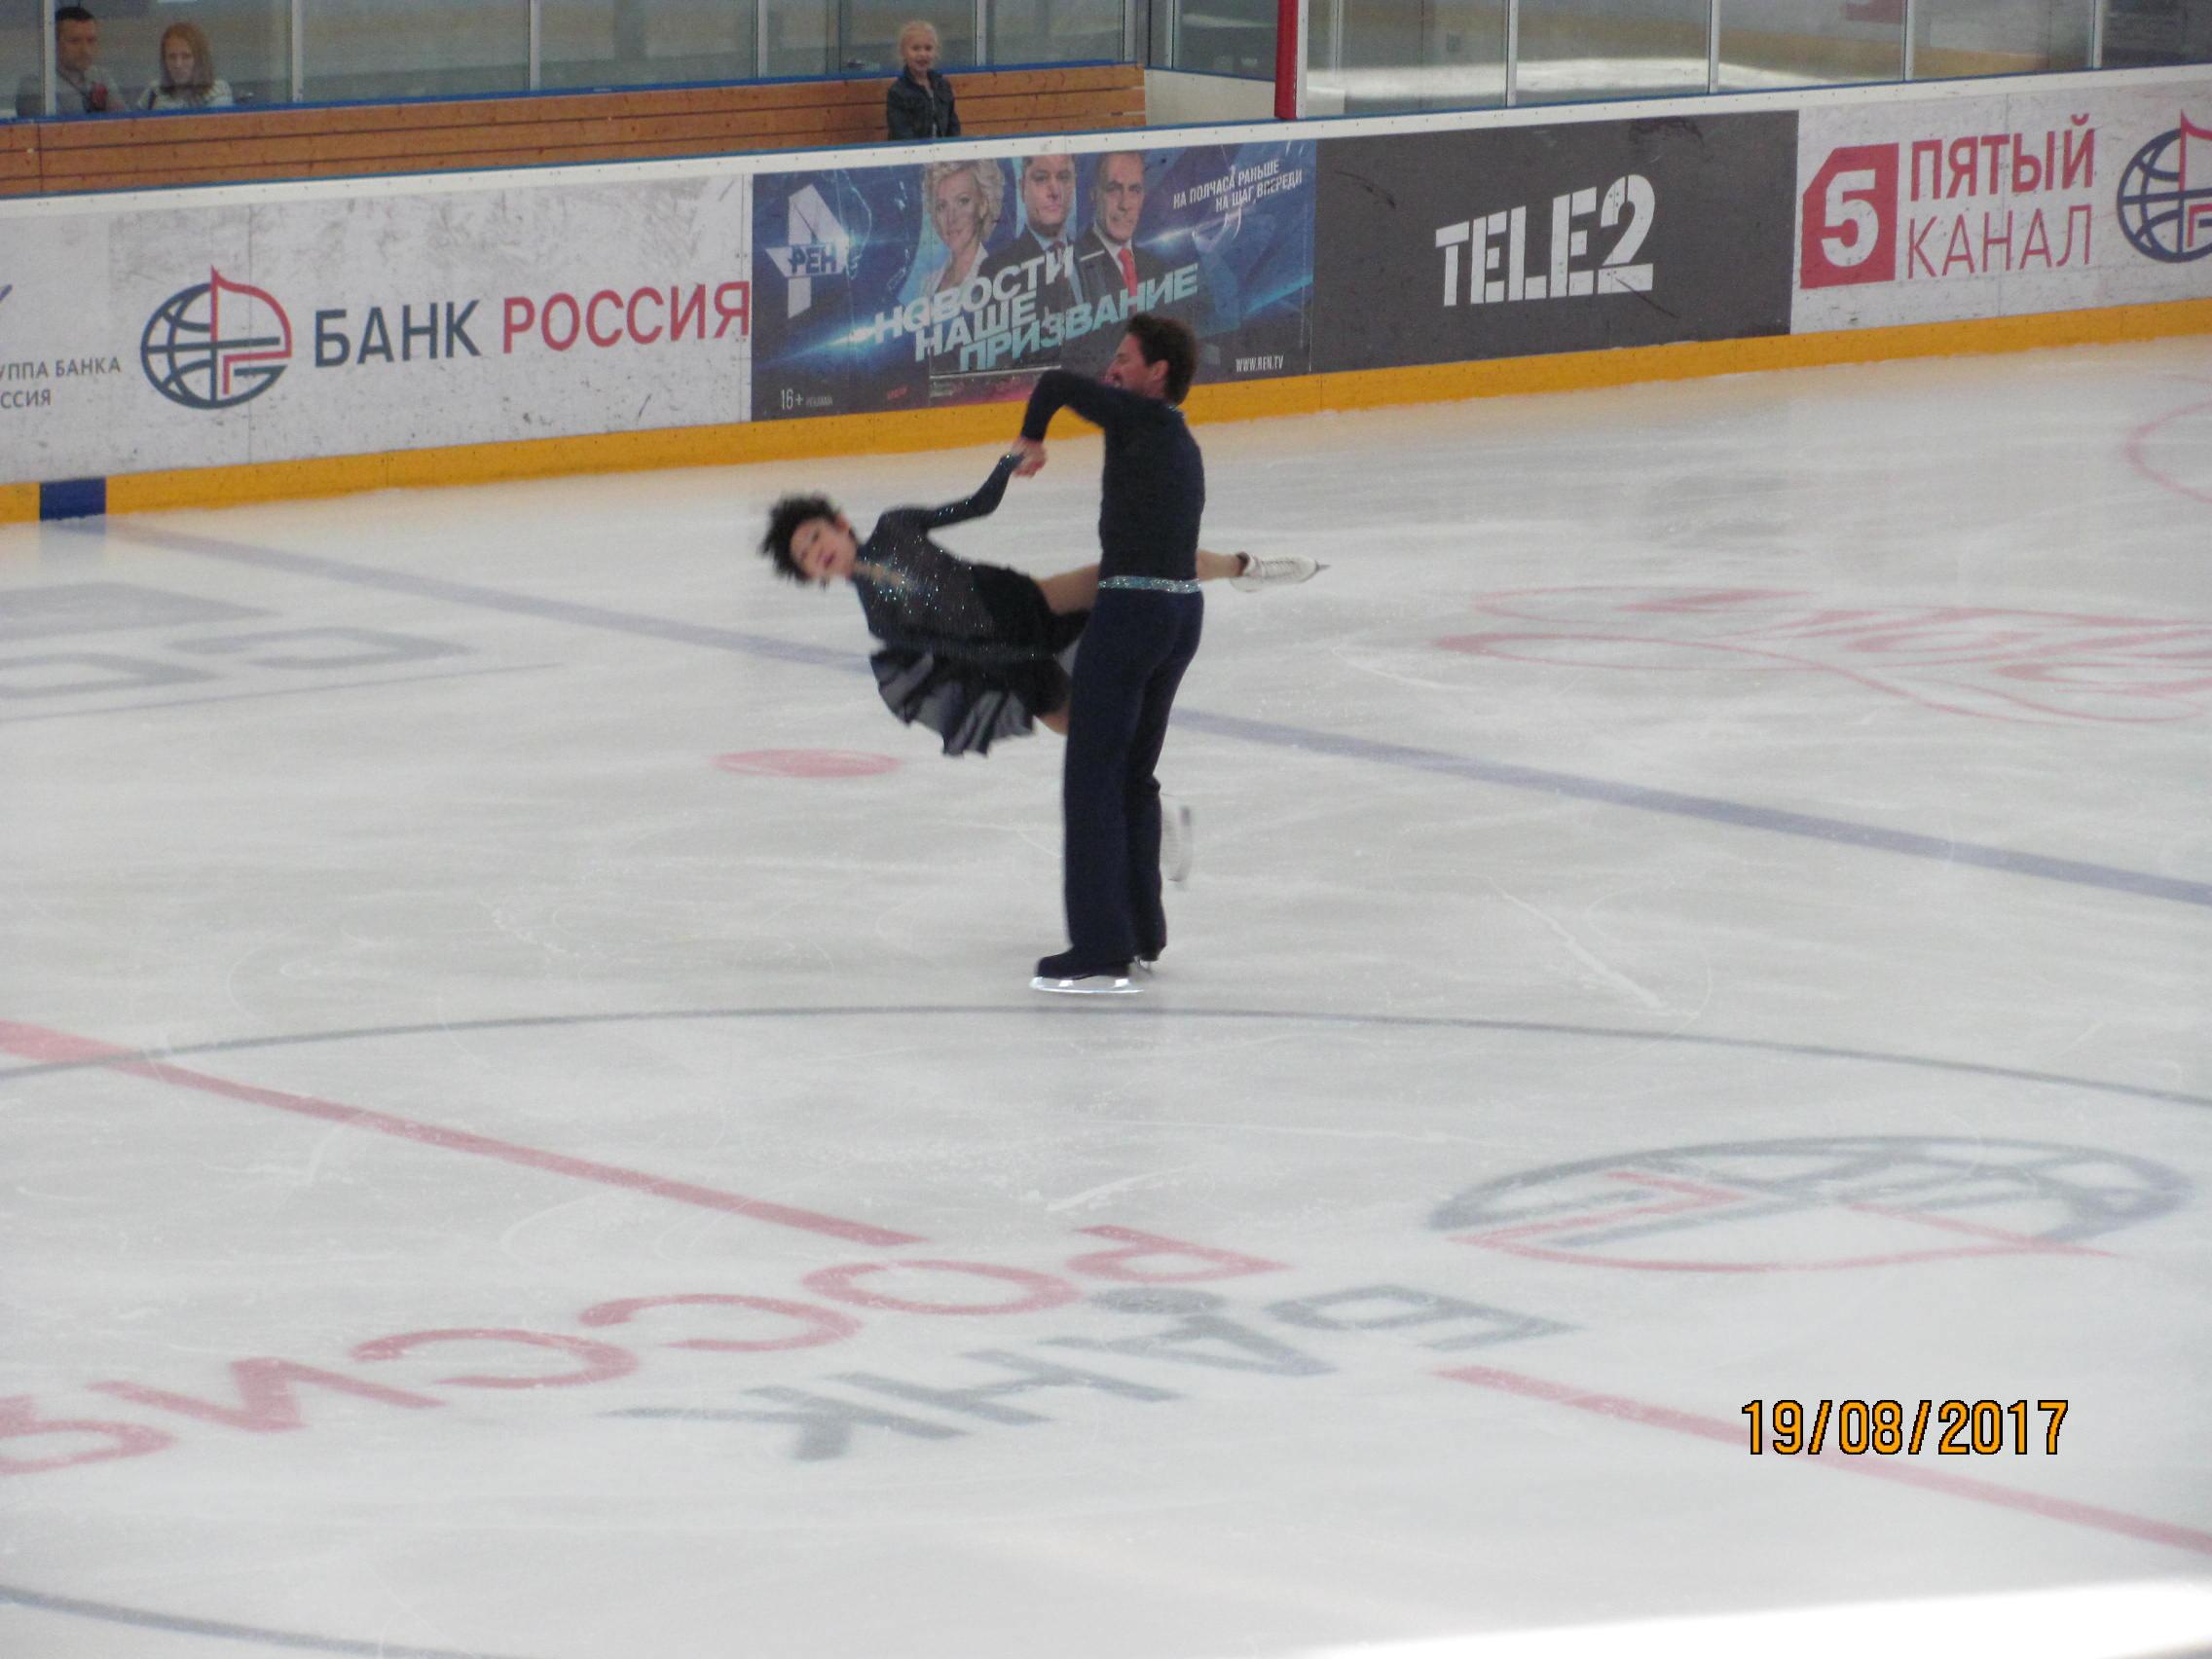 Школа Москвиной, парное катание (Санкт-Петербург, Россия) - Страница 10 HSO9S3eM9b0